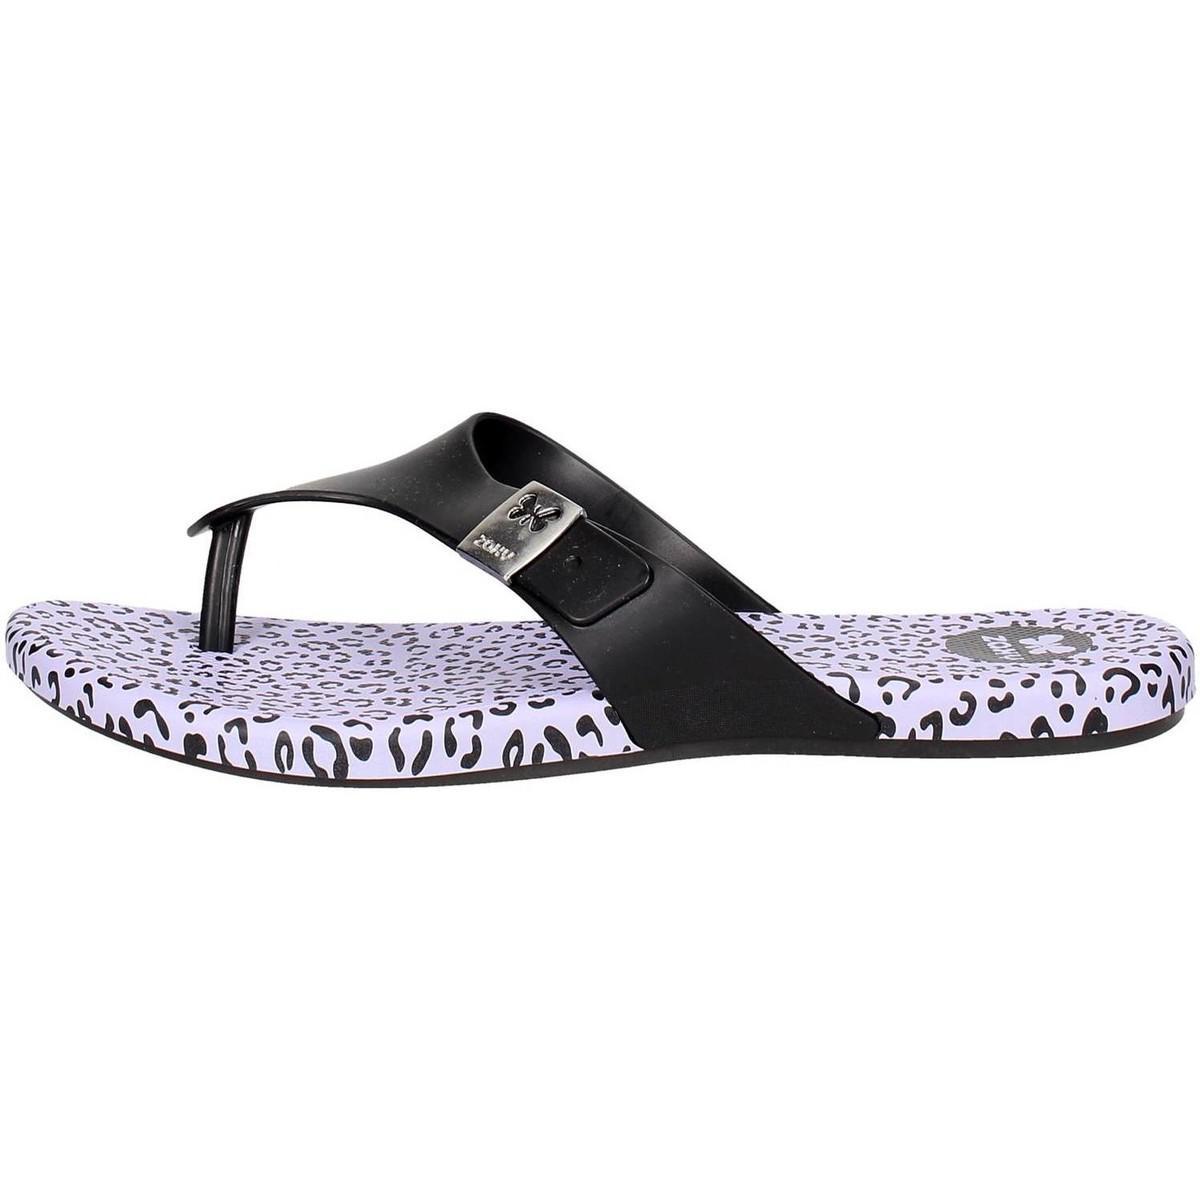 ded3c7280ff Zaxy 81752 90058 Flip Flops Women Black Women s Flip Flops   Sandals ...